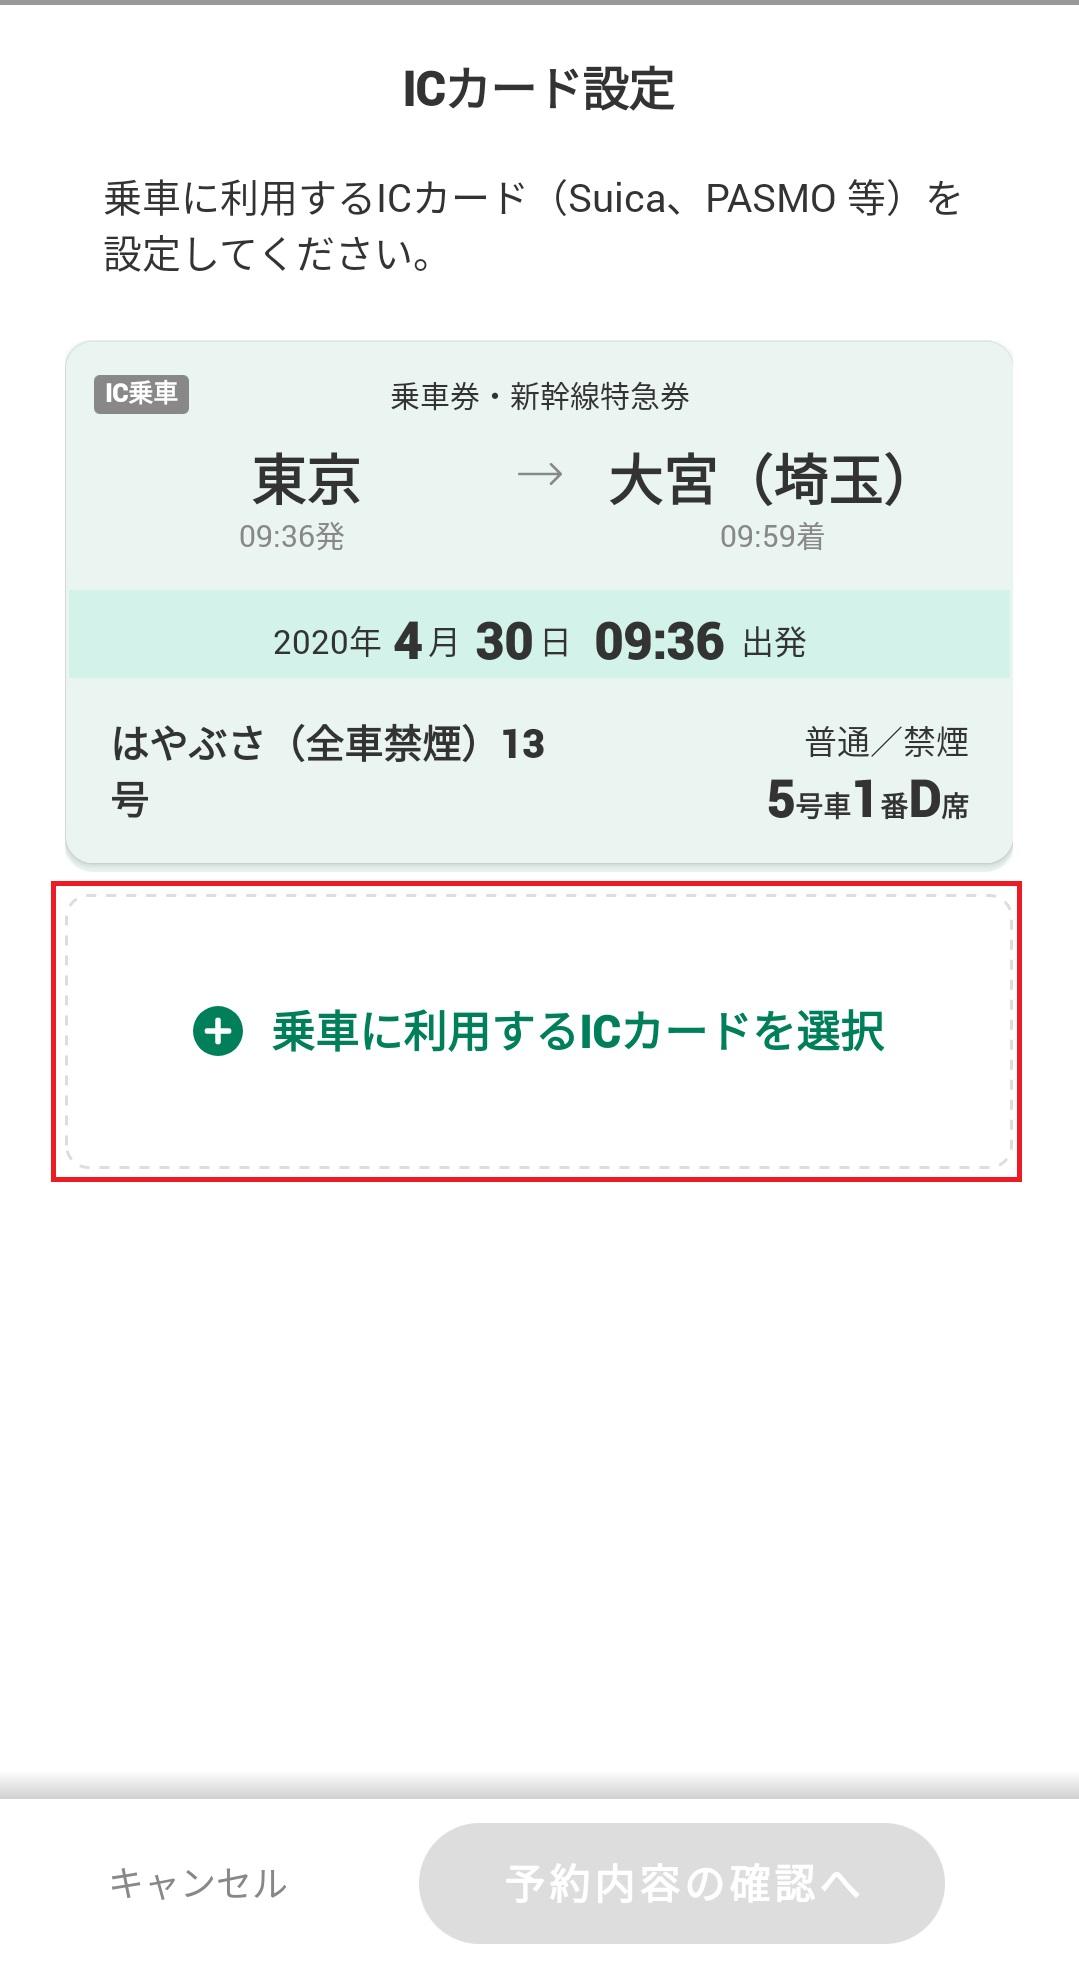 えきねっとアプリ「チケットレスで乗車するSuica」を選択